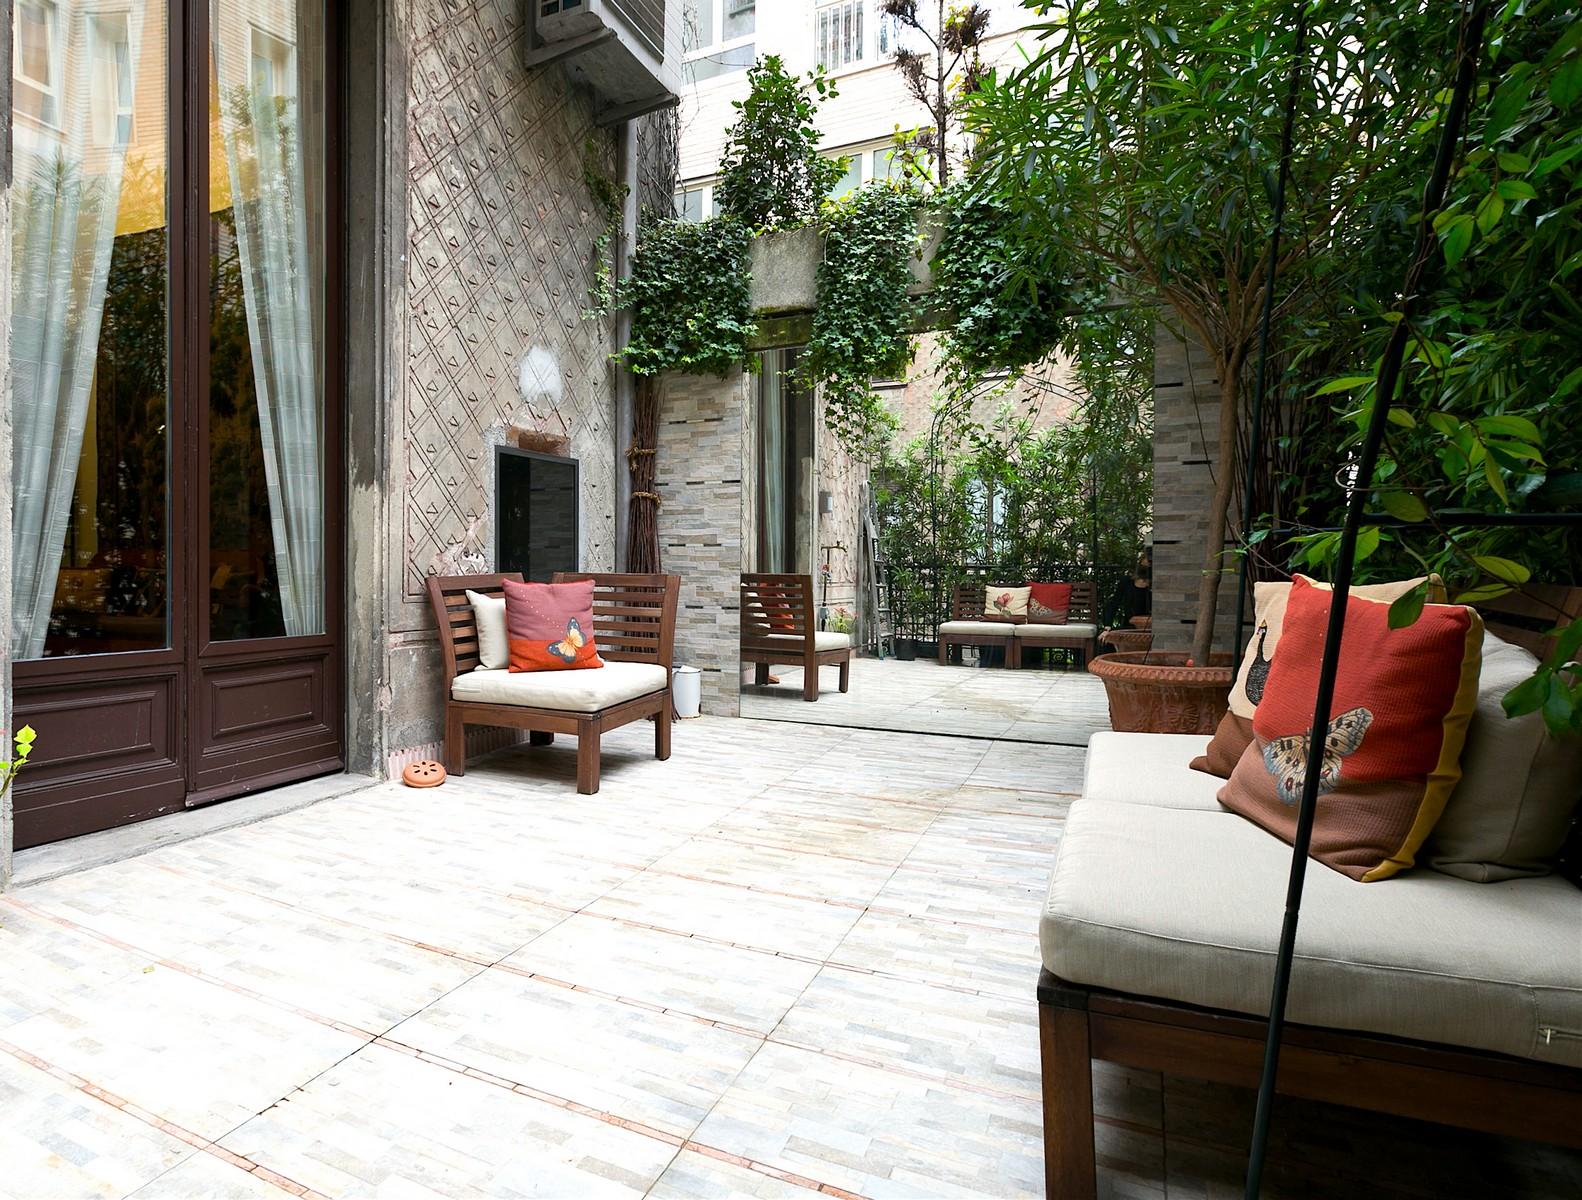 Appartamento per Vendita alle ore Residenza di charme in palazzo d'epoca Viale Majno Milano, Milano 20122 Italia